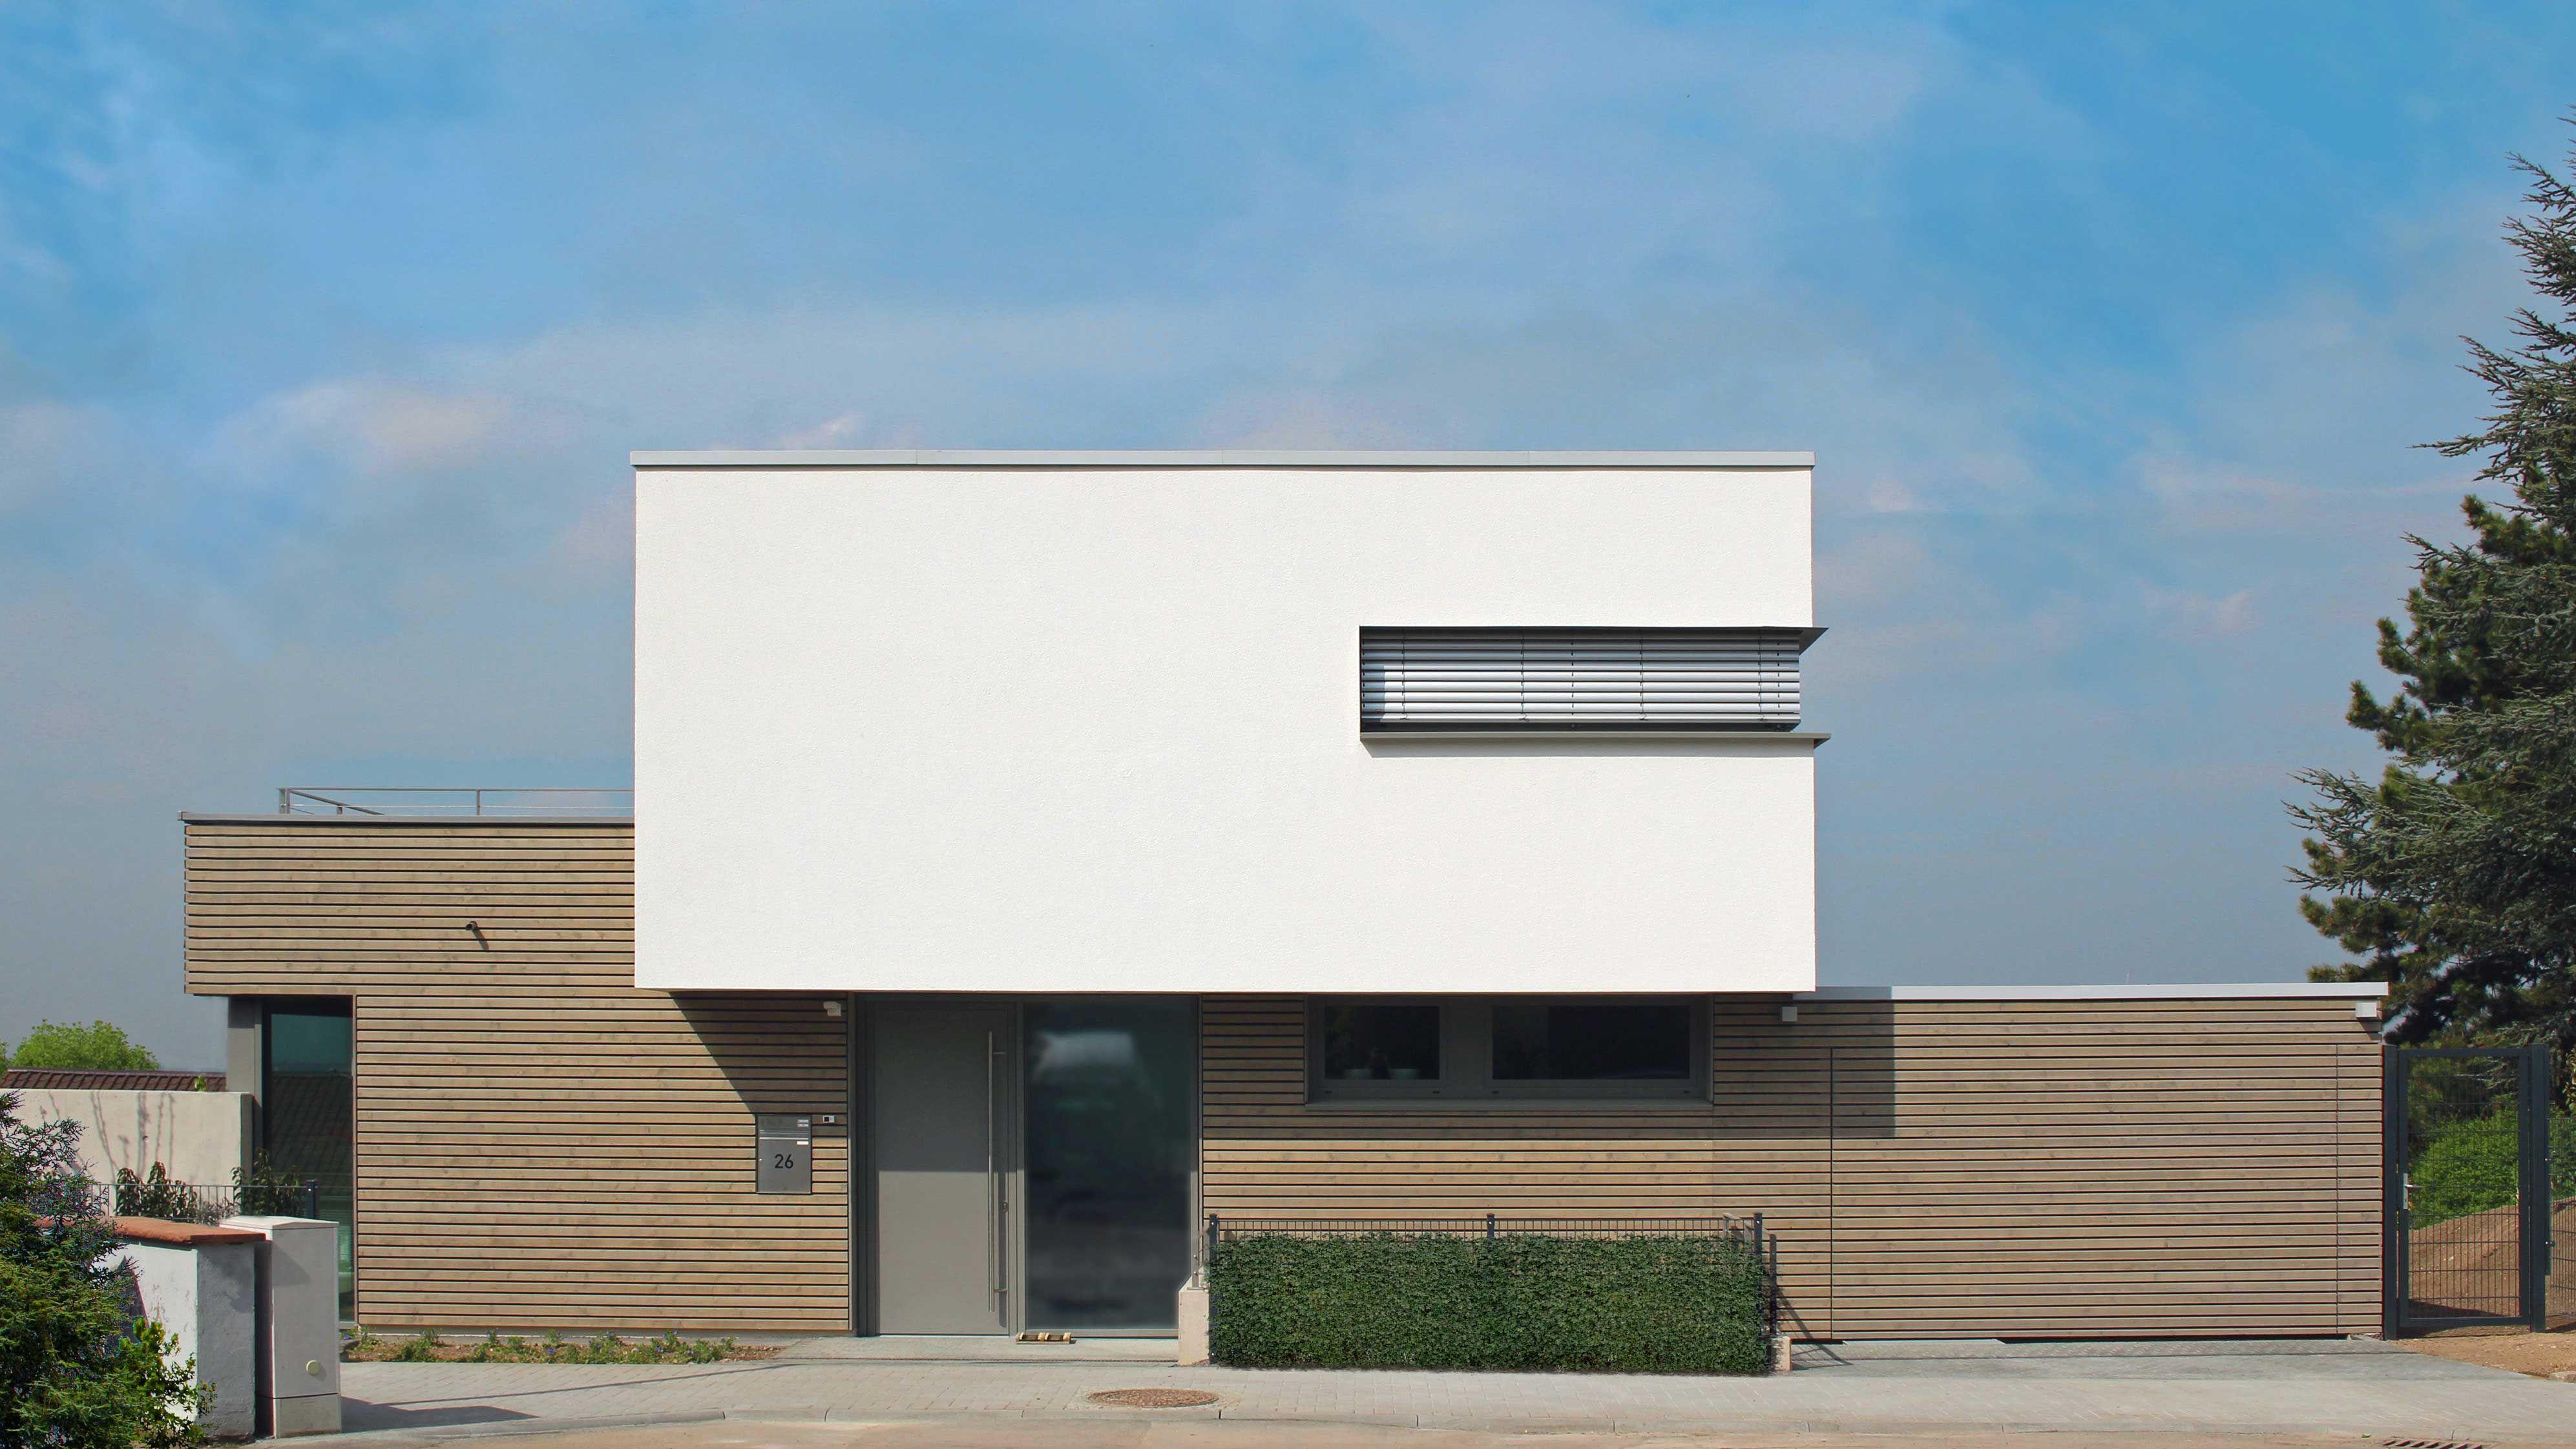 Weber Und Partner fassade weber und partner wohnen building facade